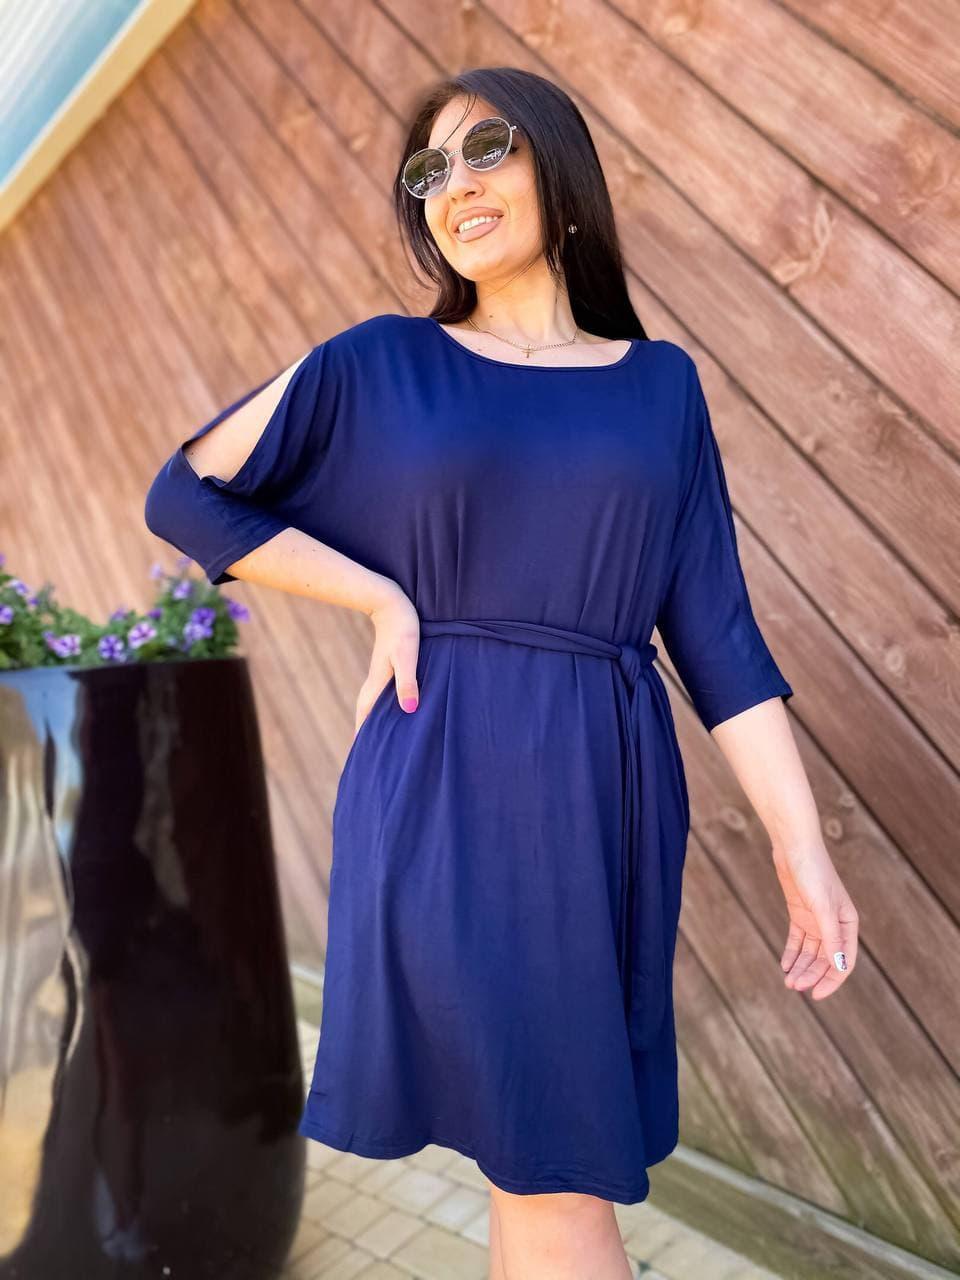 Літнє плаття з кишенями тканина віскоза розмір: 46-48,50-52,54-56,58-60